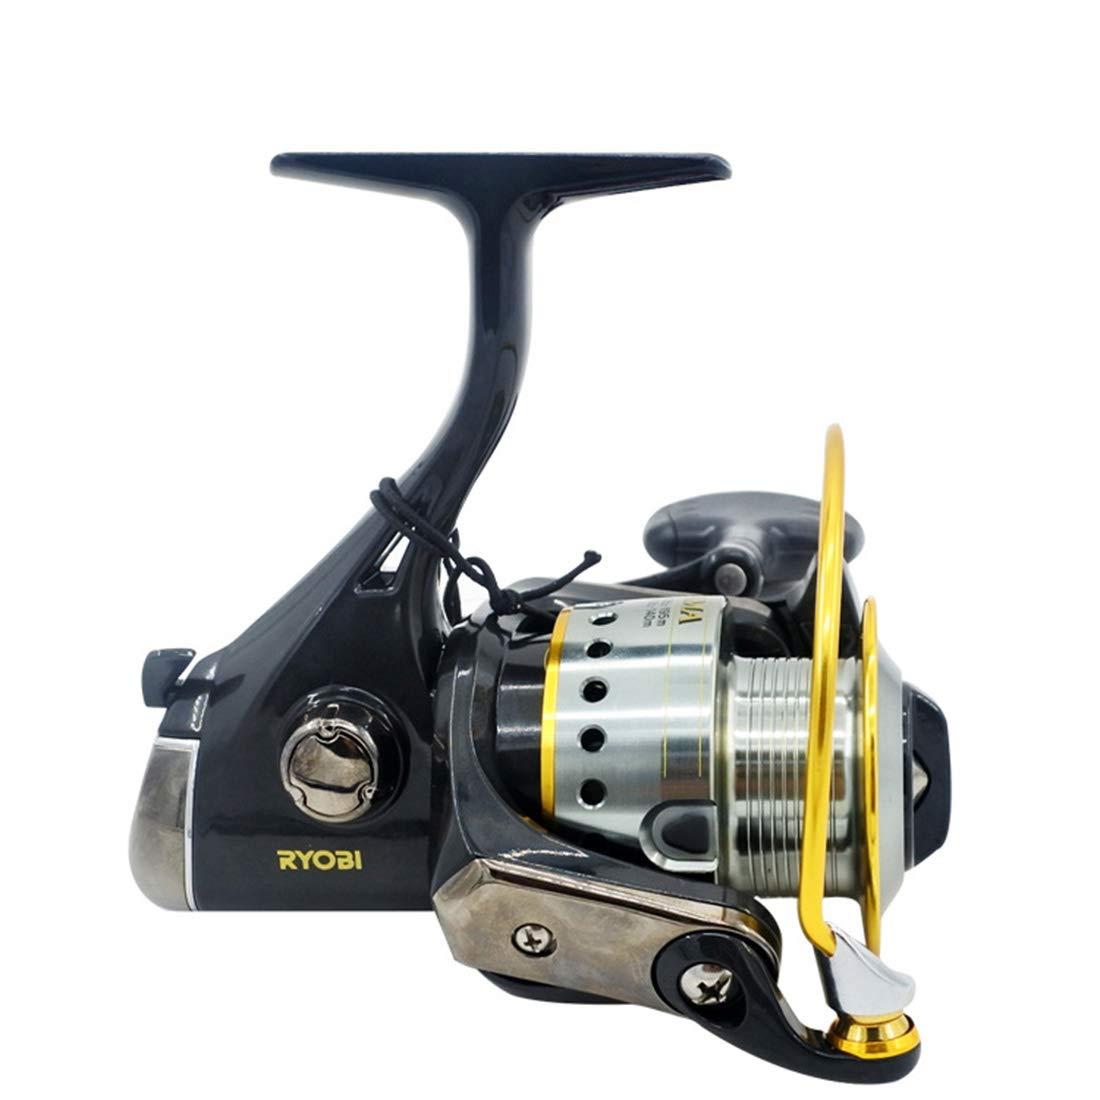 CAFUTY 紡績釣りリール右ダブルハンドルシステム塩水淡水釣りダブルドラグブレーキシステム (サイズ : 6000) 6000  B07PCLPZ4V